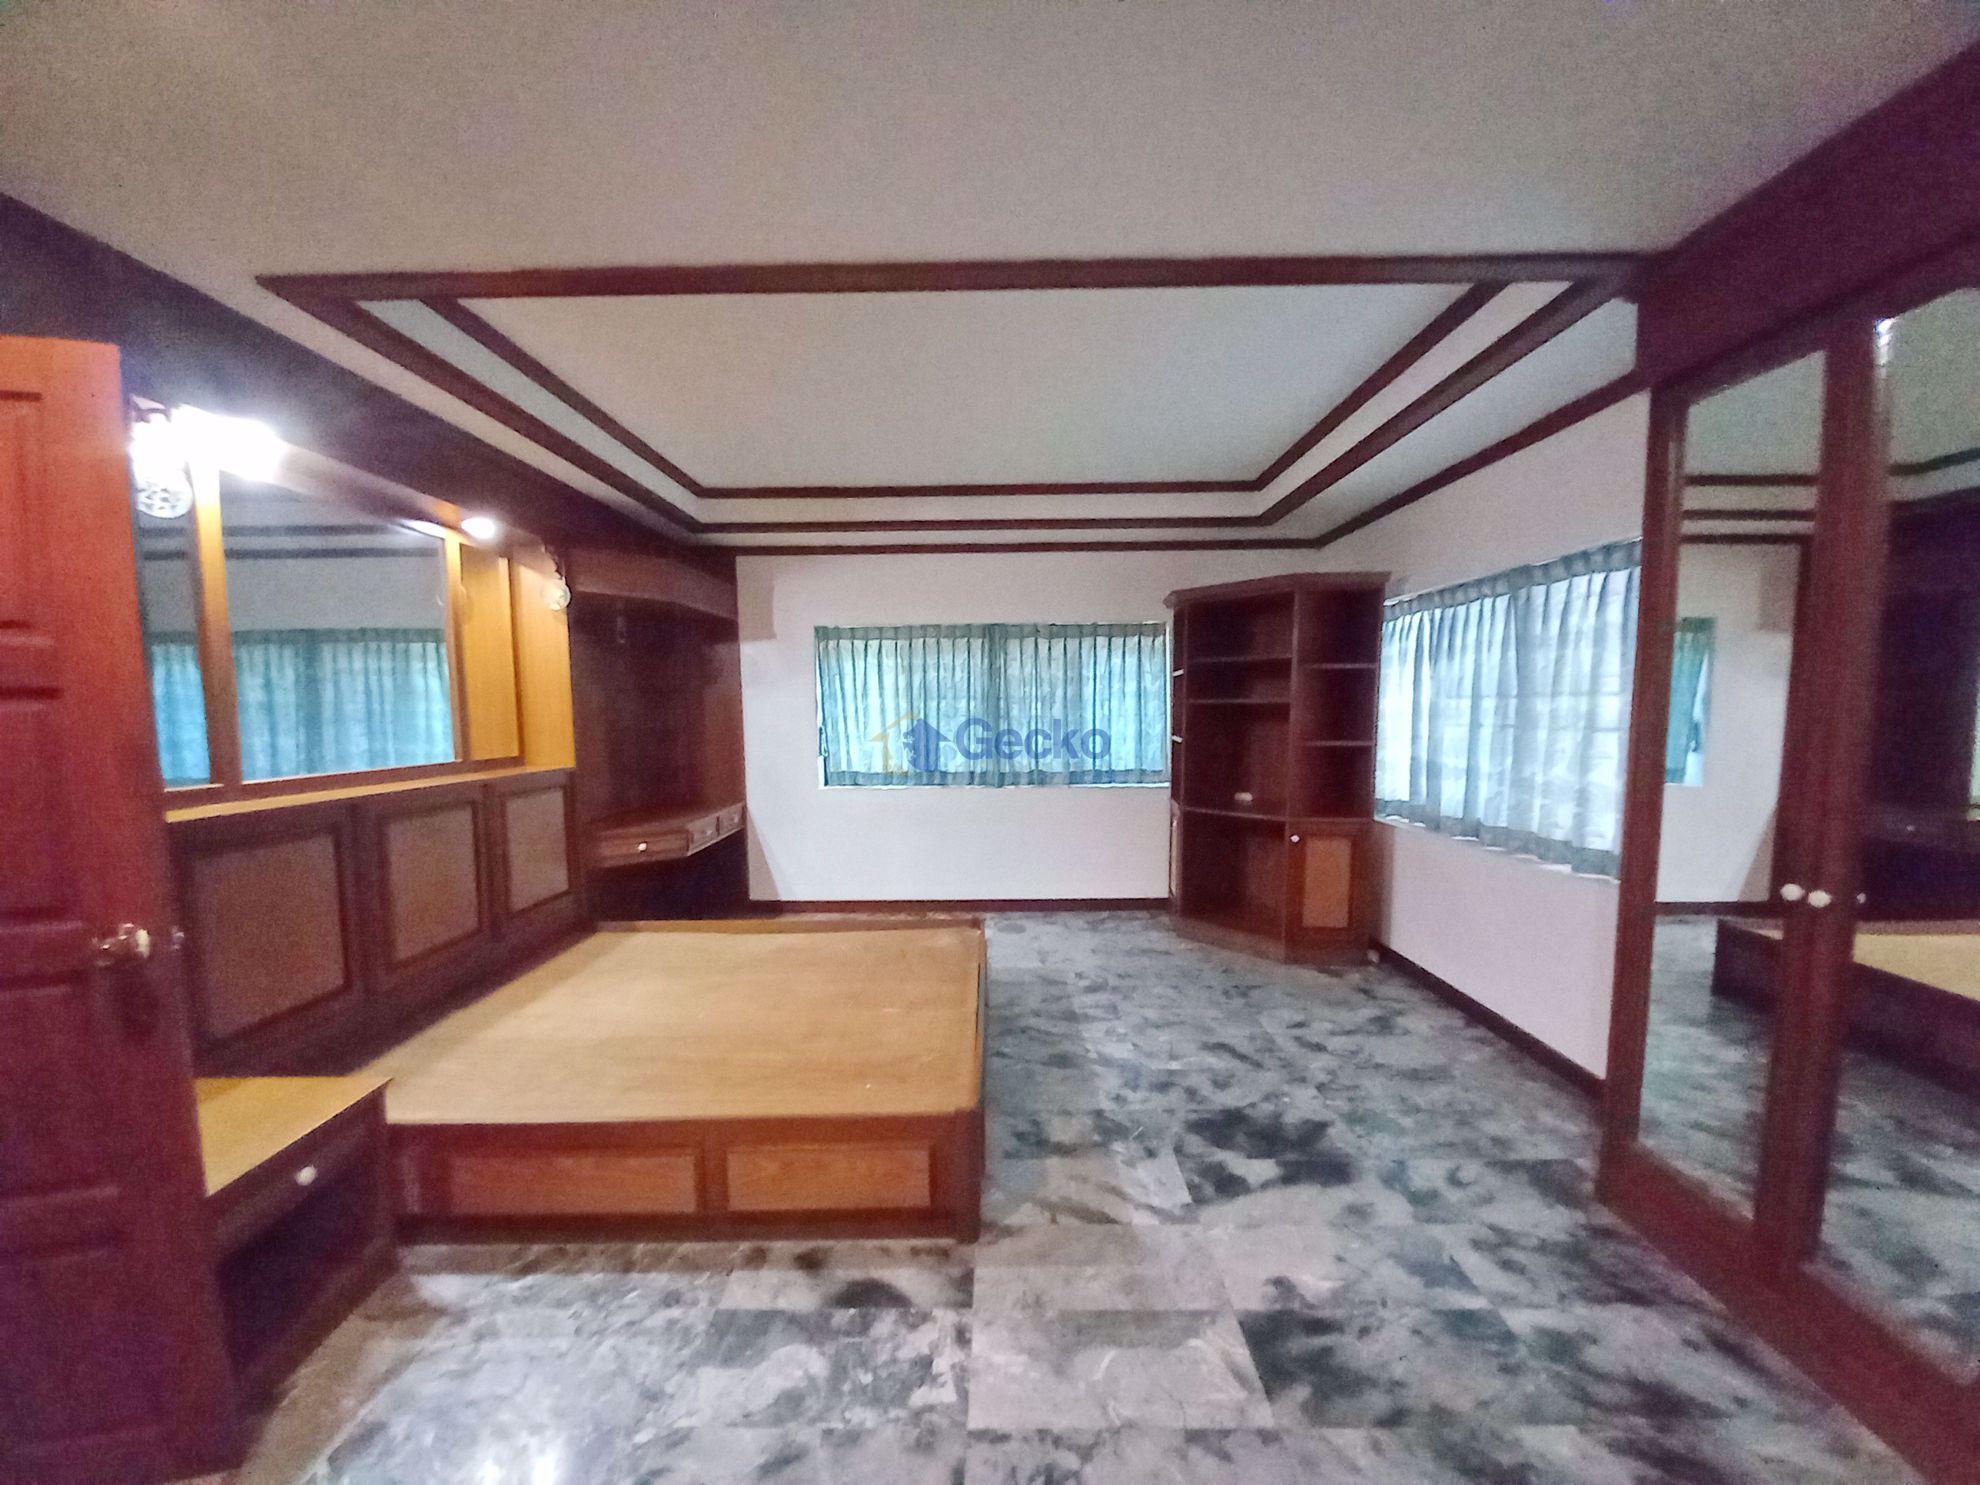 图片 3 Bedrooms bed in House in East Pattaya H009309